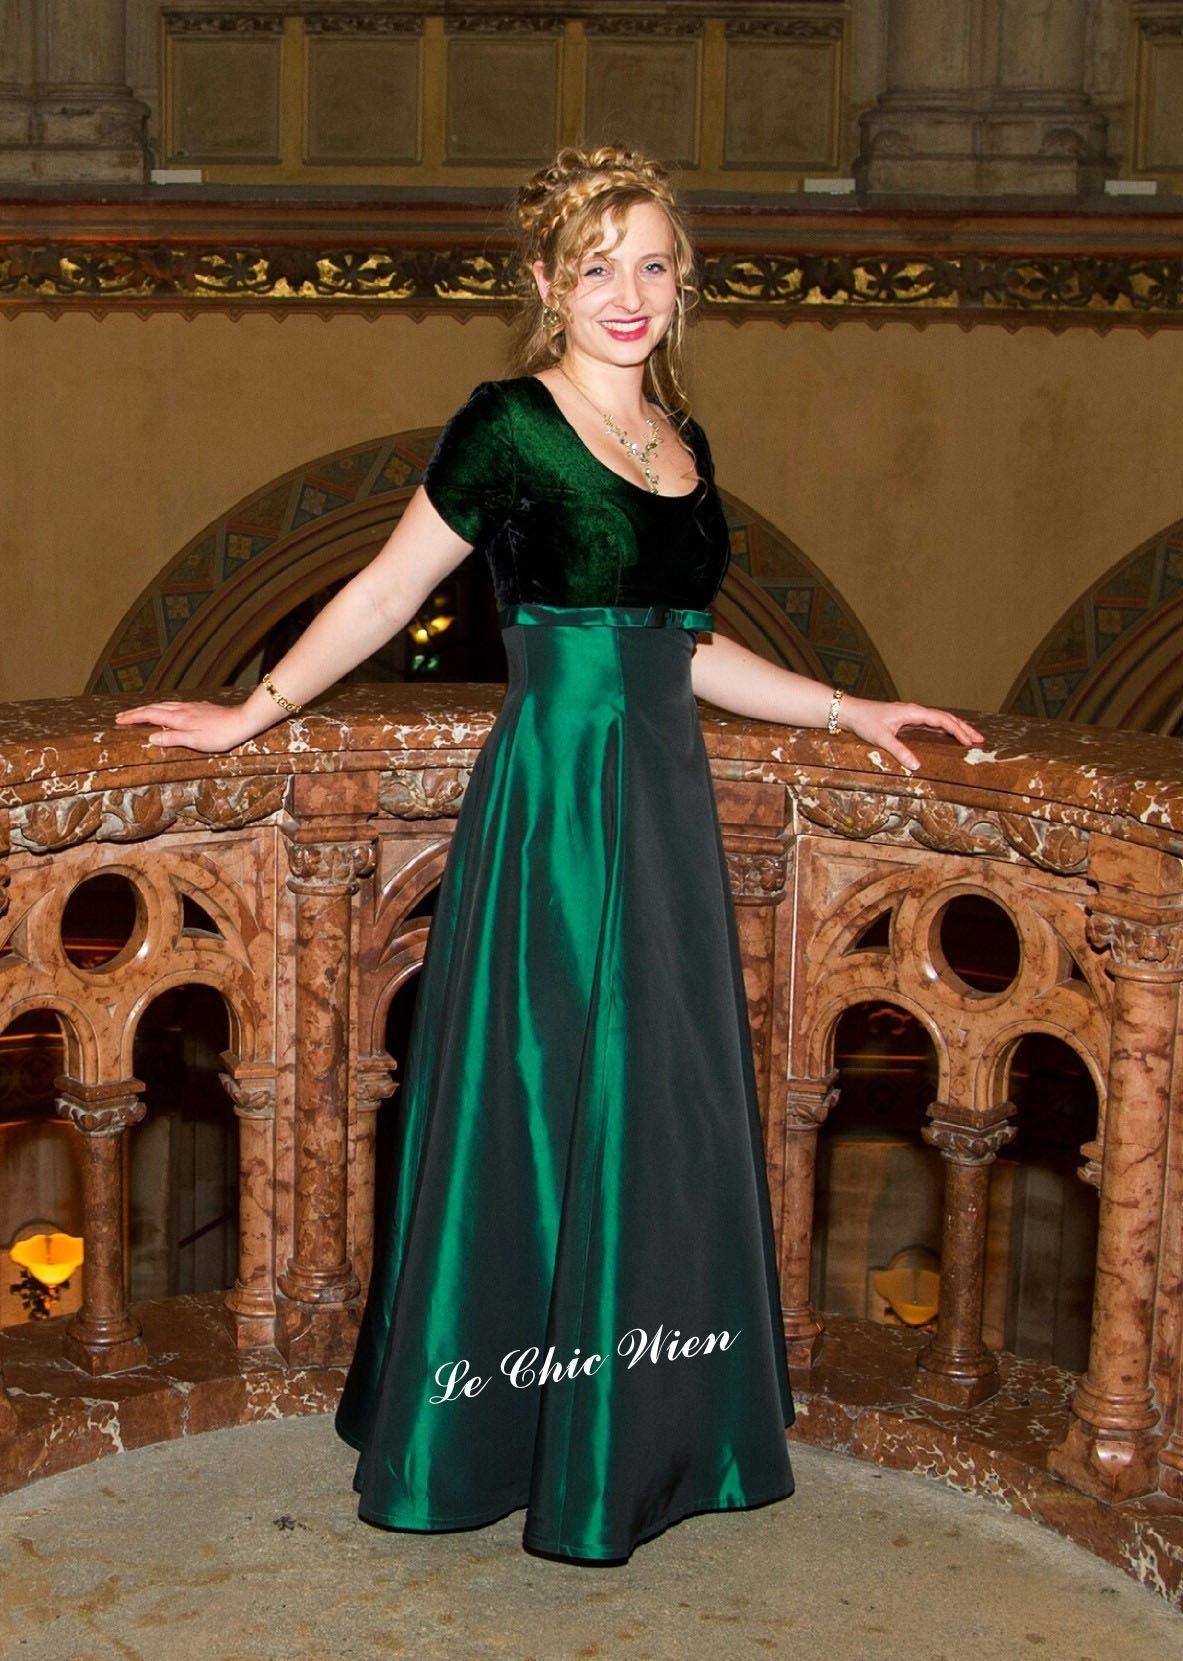 20 Leicht Abendkleid Verleih Wien für 2019Designer Erstaunlich Abendkleid Verleih Wien Boutique